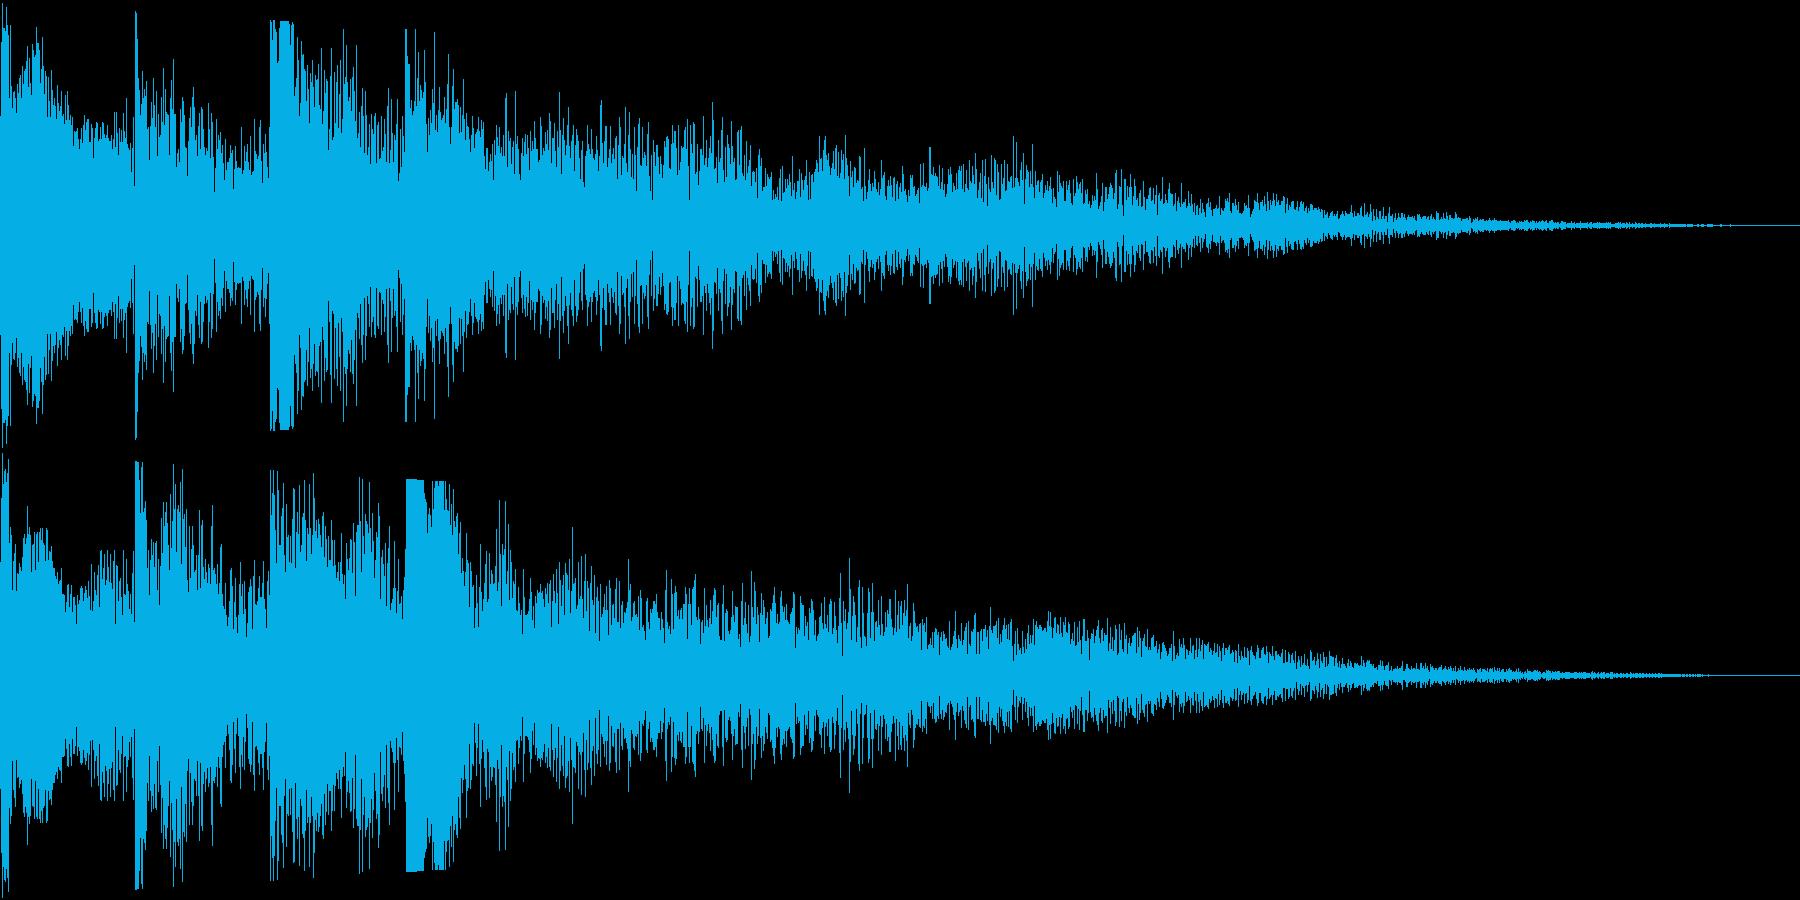 起動音のような電子音のサウンドロゴ短めの再生済みの波形